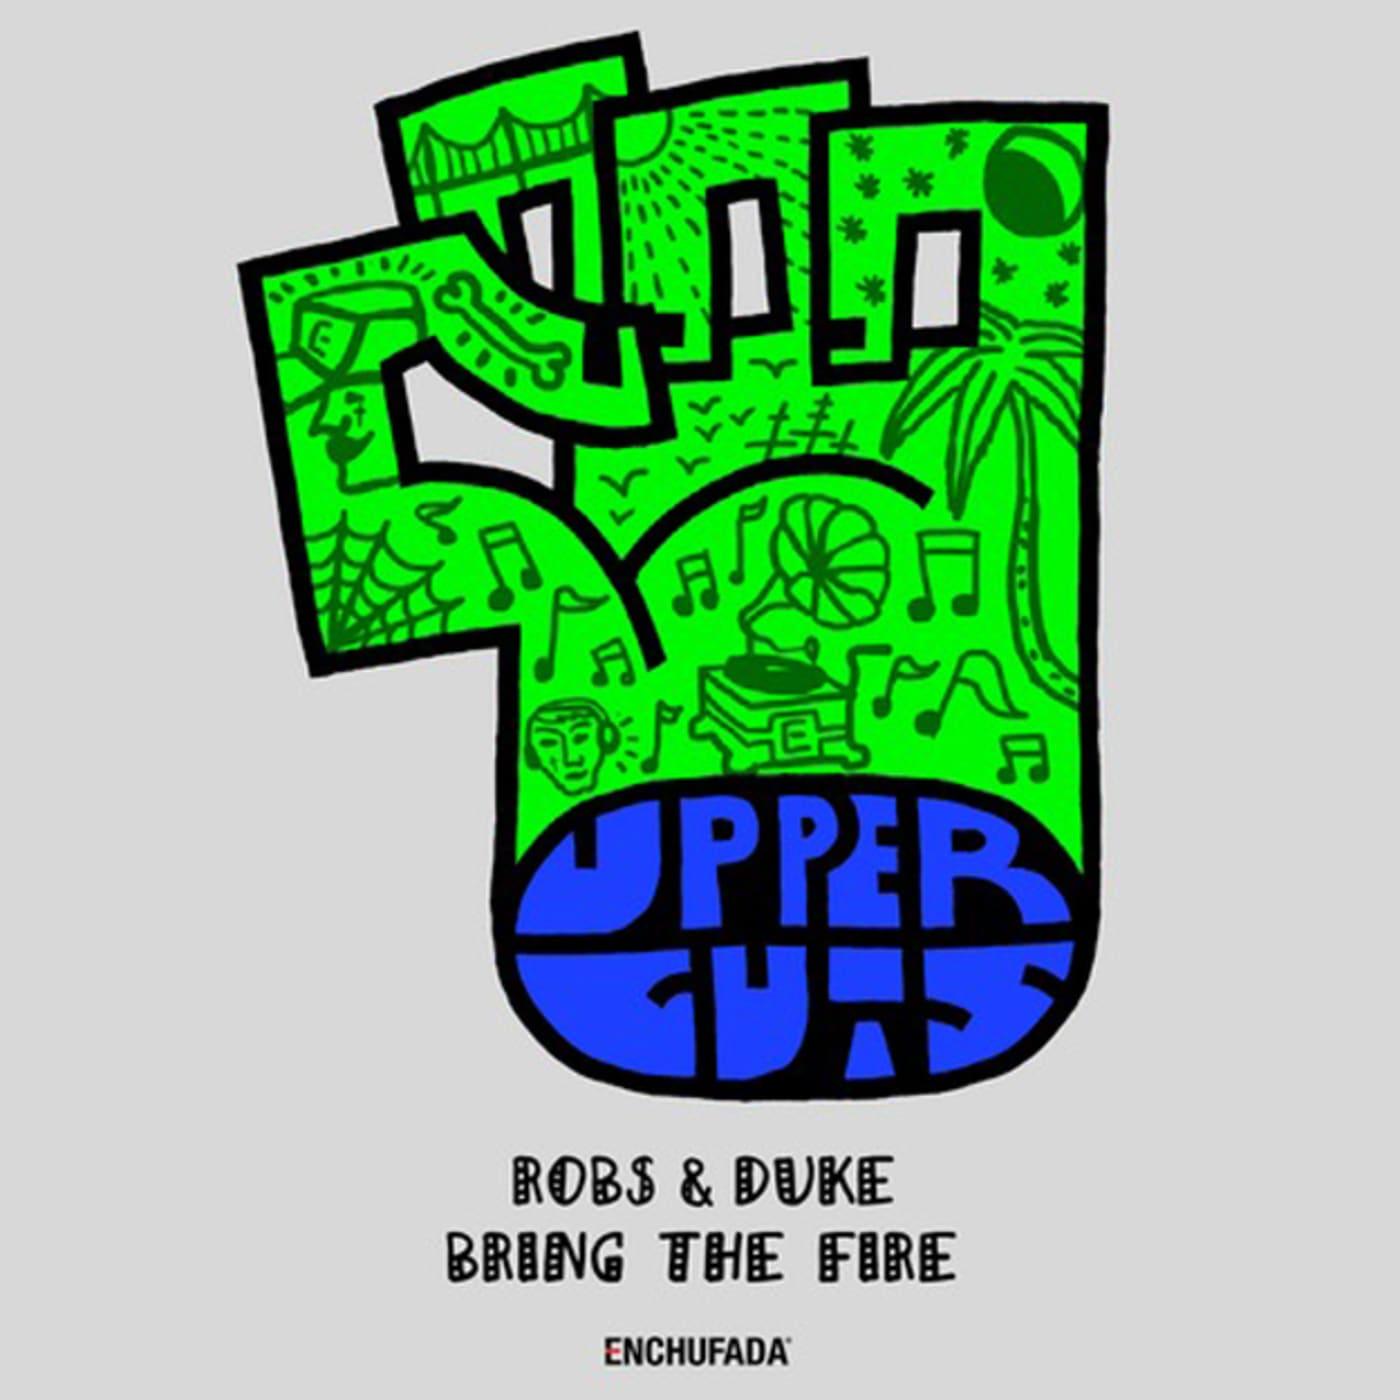 robs duke bring the fire